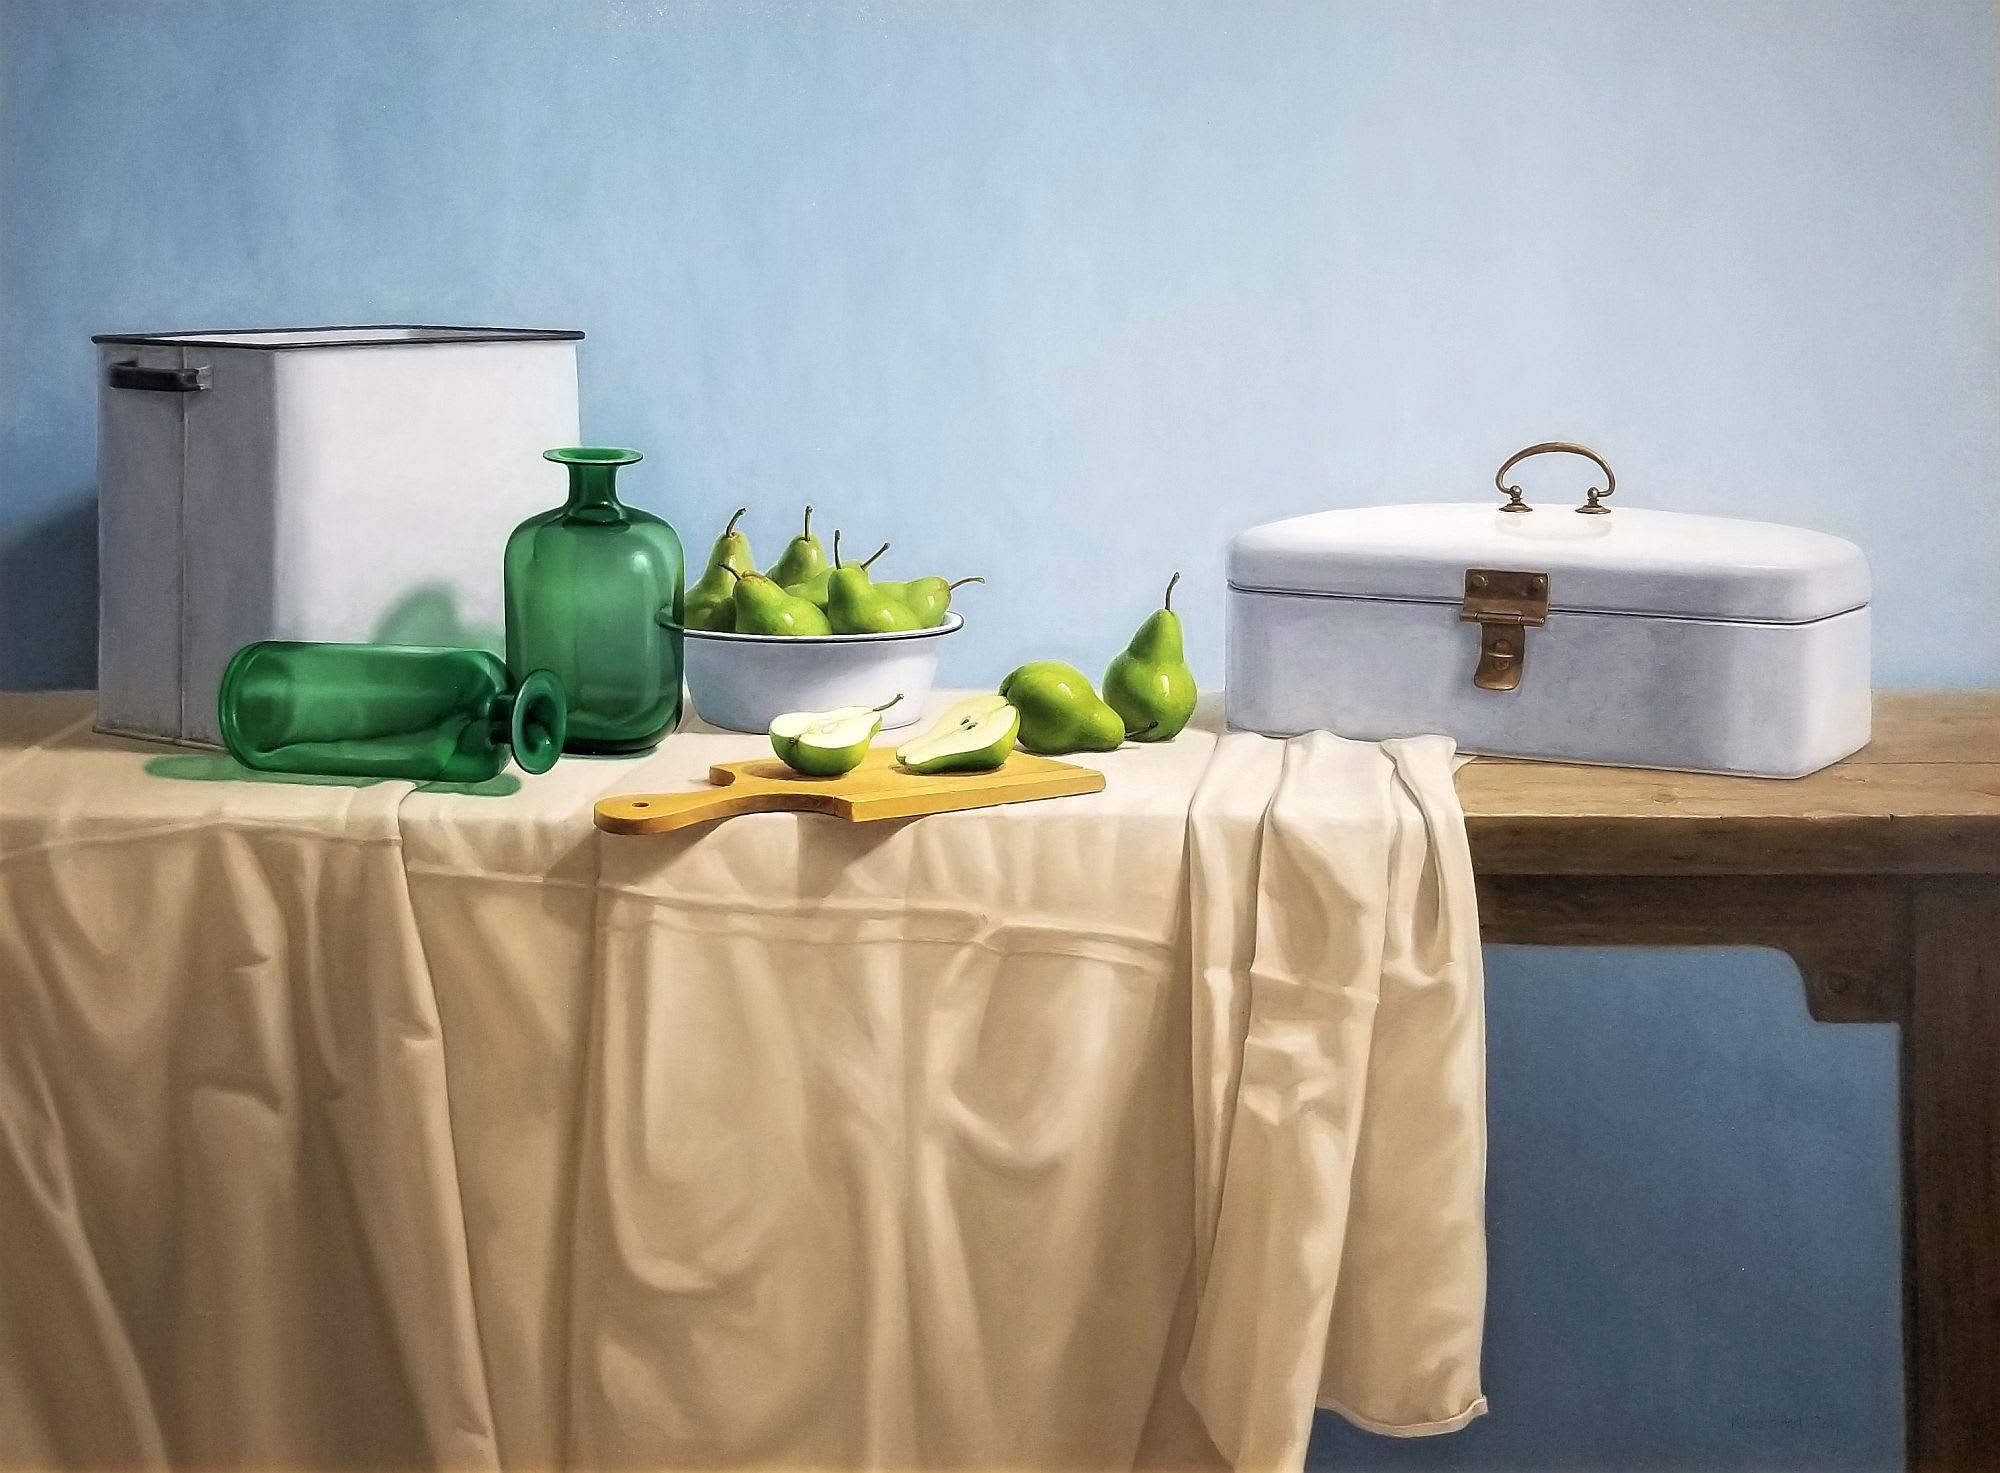 Enamelwear and Pears 12946